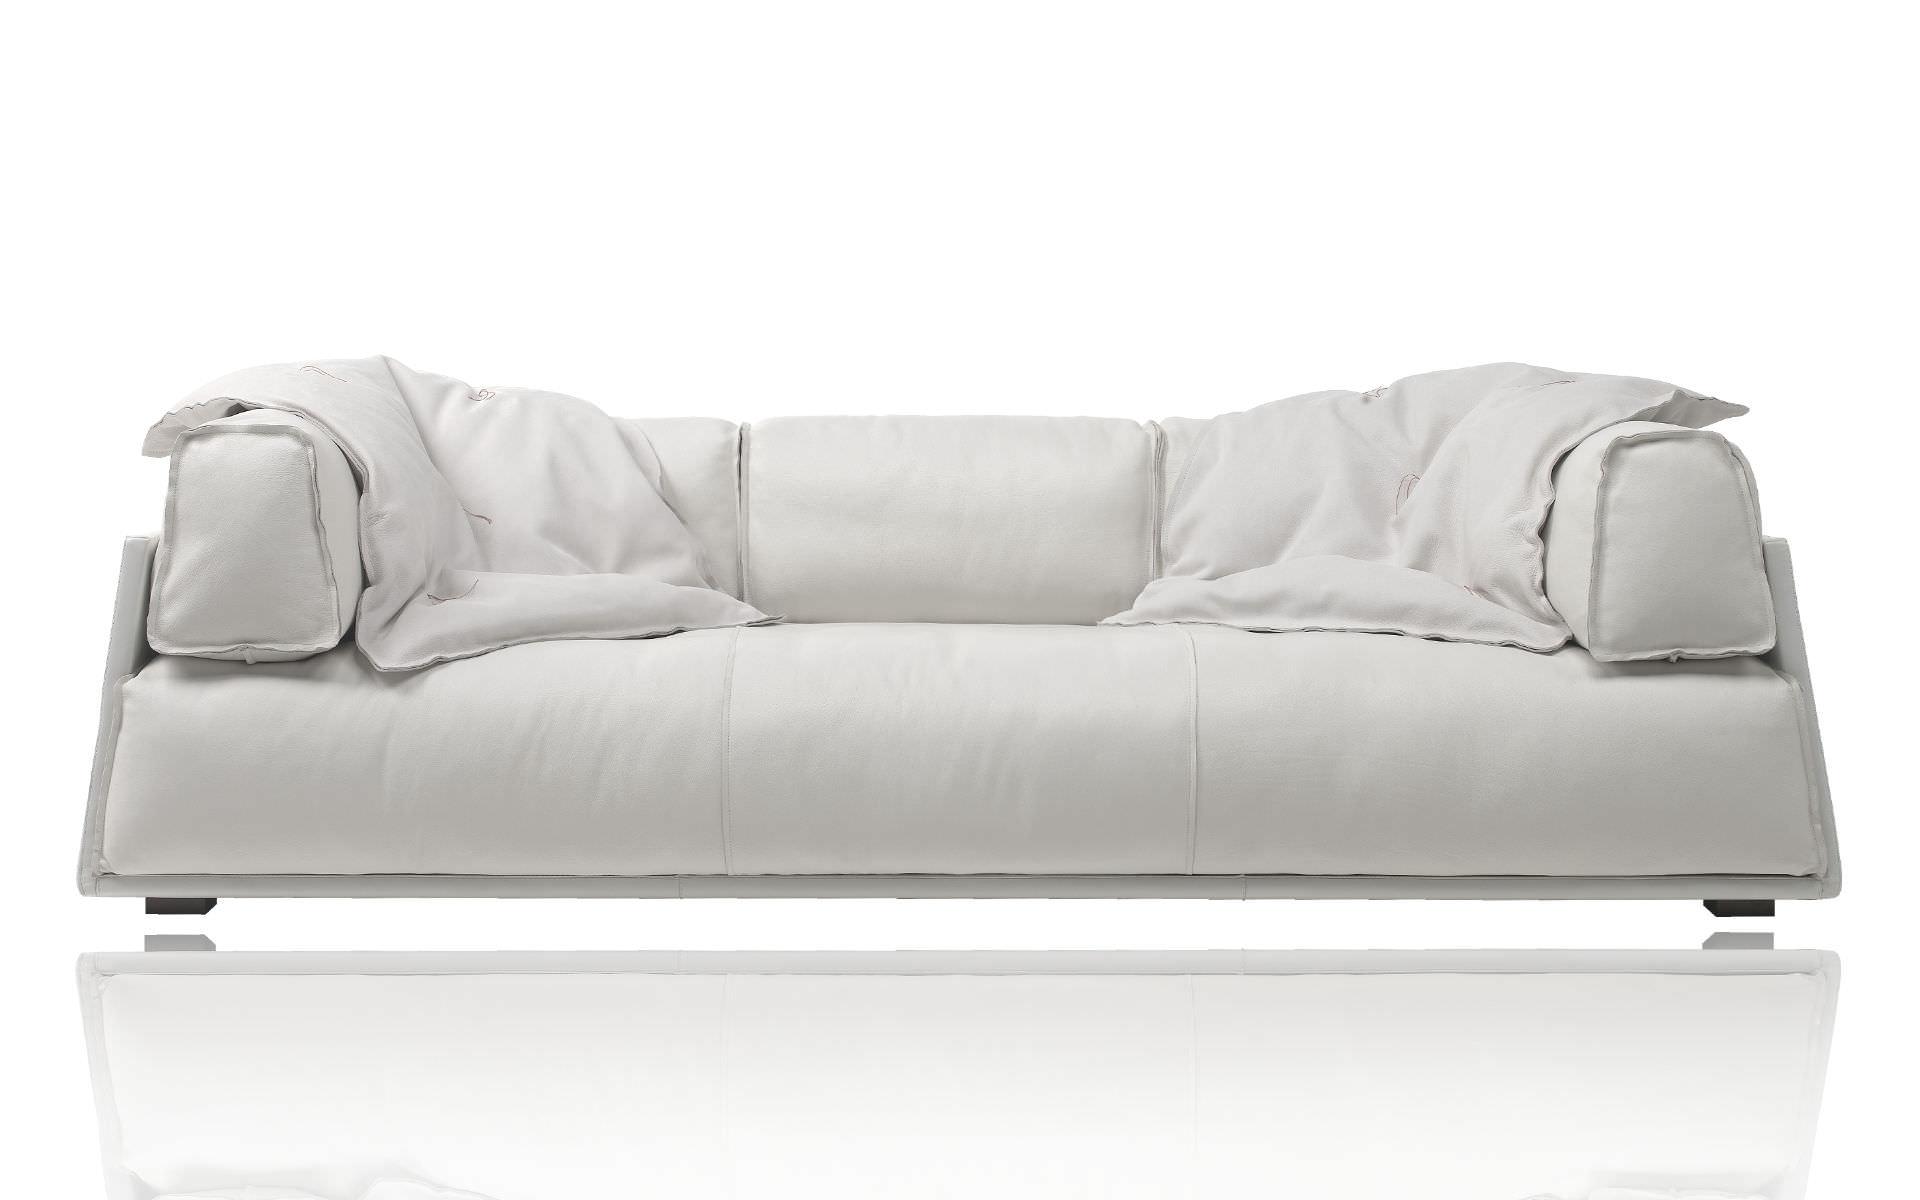 Full Size of Modernes Sofa Leder 3 Pltze Wei Hard Soft Baxter Himolla Hannover Polster Sitzer Mit Relaxfunktion Schlaffunktion Großes Big Braun Erpo Tom Tailor Günstige Sofa Weißes Sofa